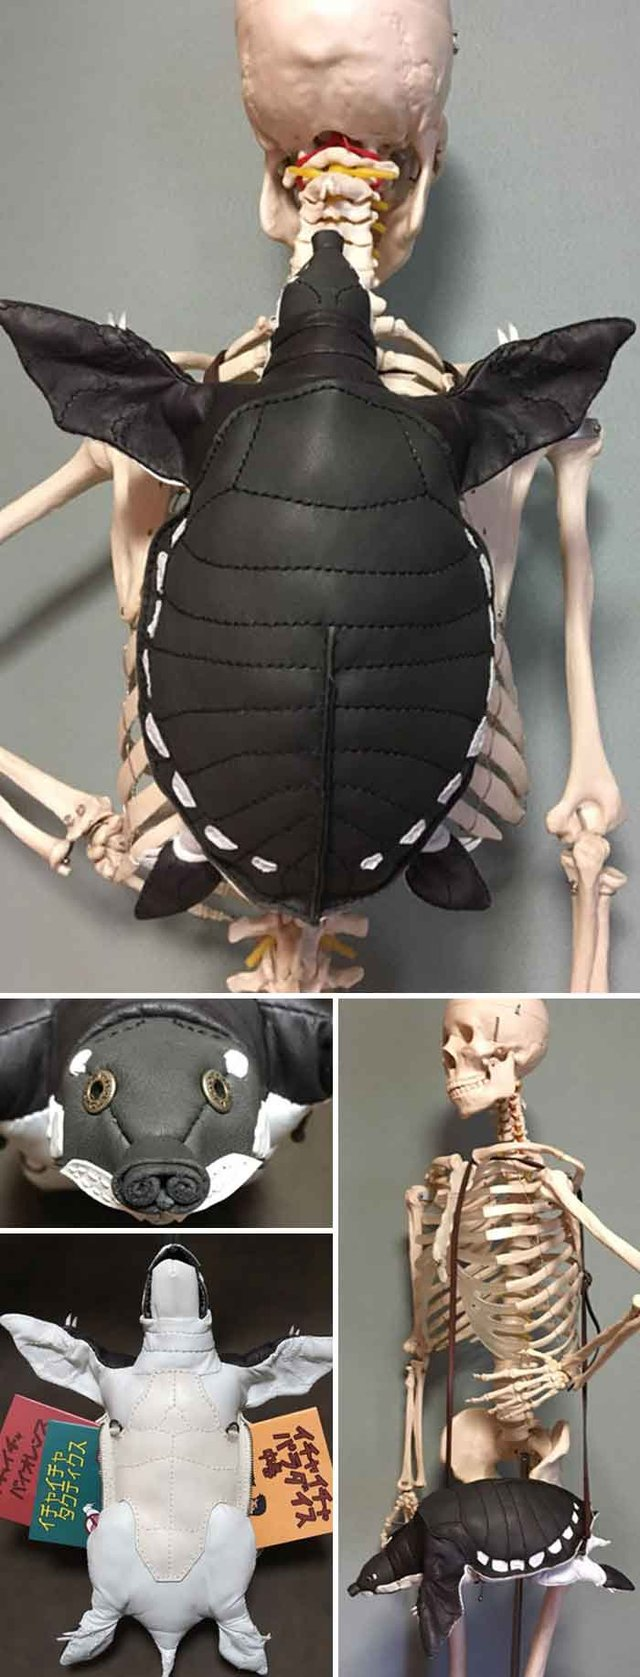 Японець створює реалістичні сумки, які сподобаються не всім (фото) - фото 359452